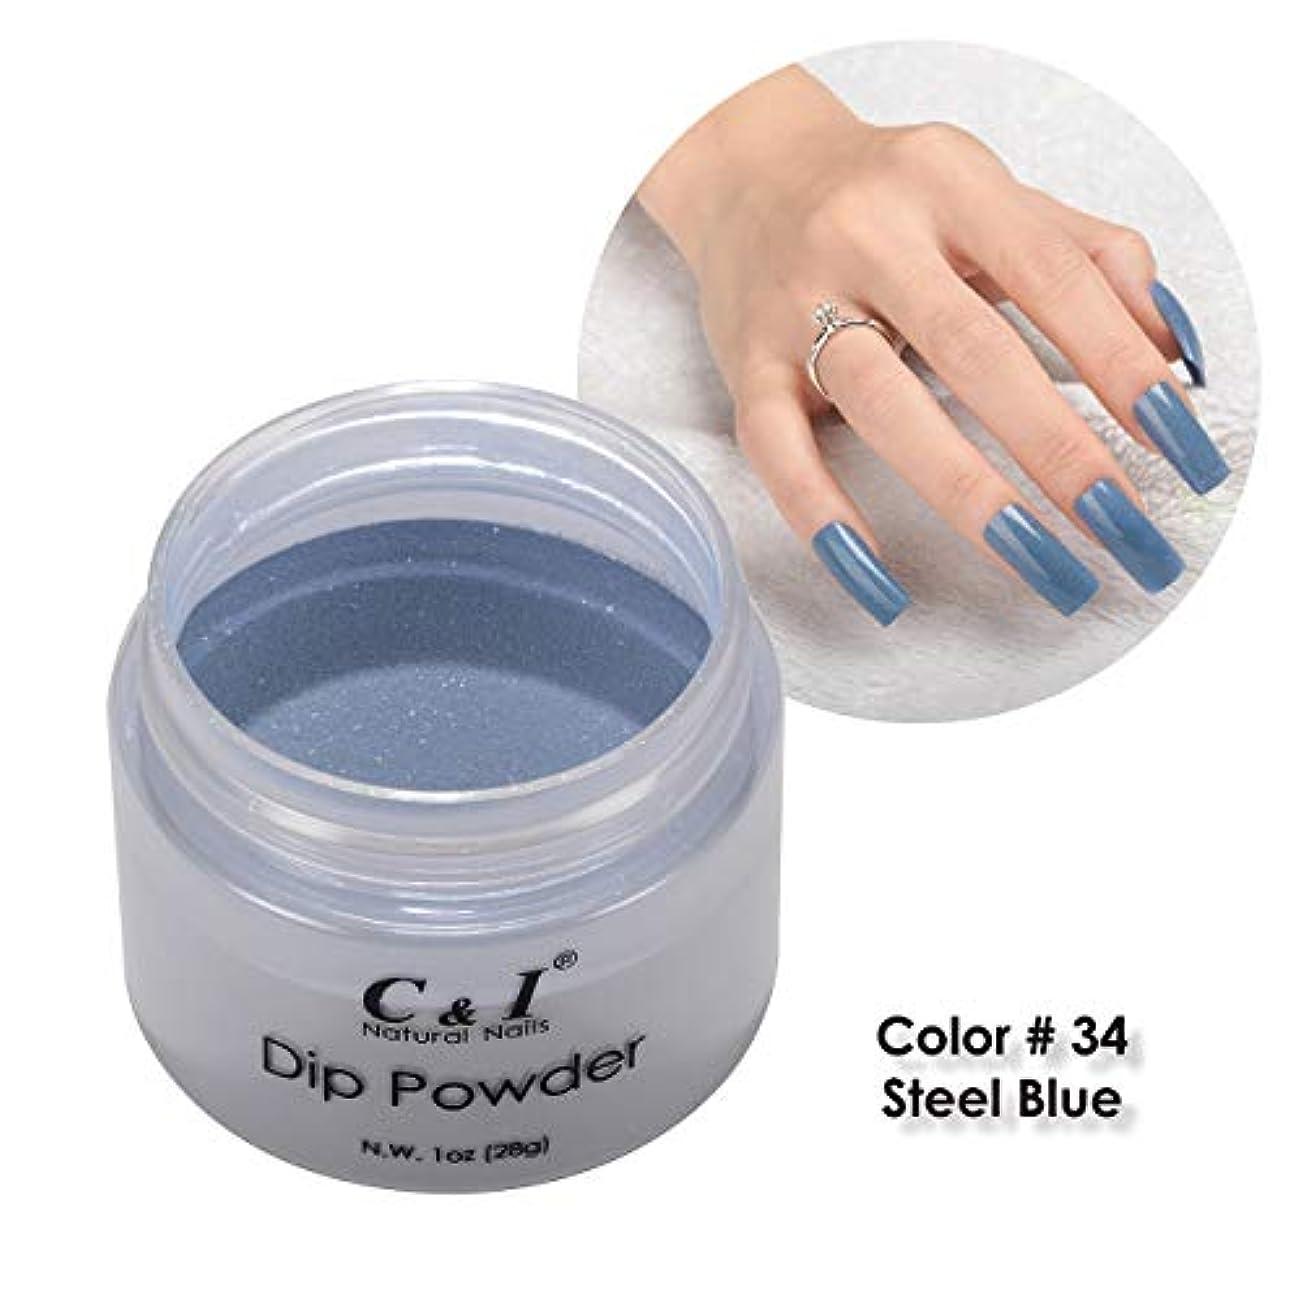 ヘビガラガラ繊毛C&I Dip Powder ネイルディップパウダー、ネイルカラーパウダー、カラーNo.34